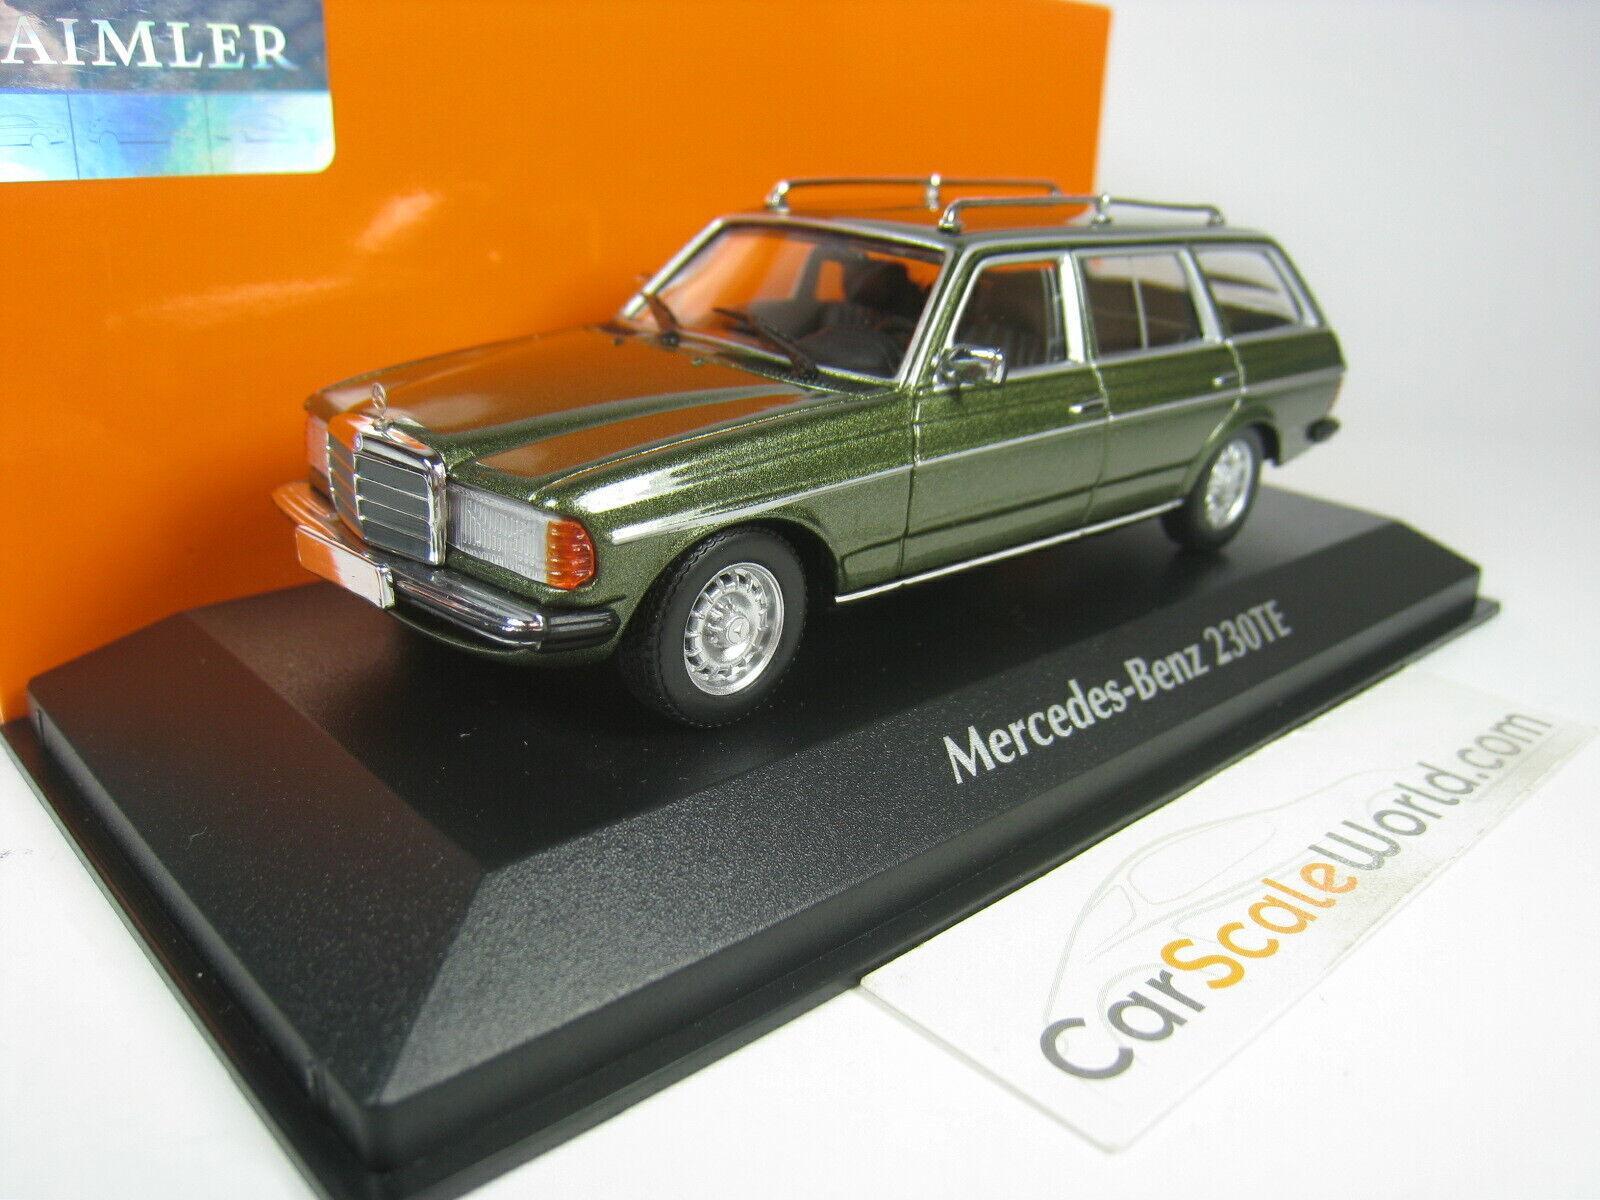 Minichamps 1:43 Mercedes Benz 230TE - 1982 W123 verde metálico